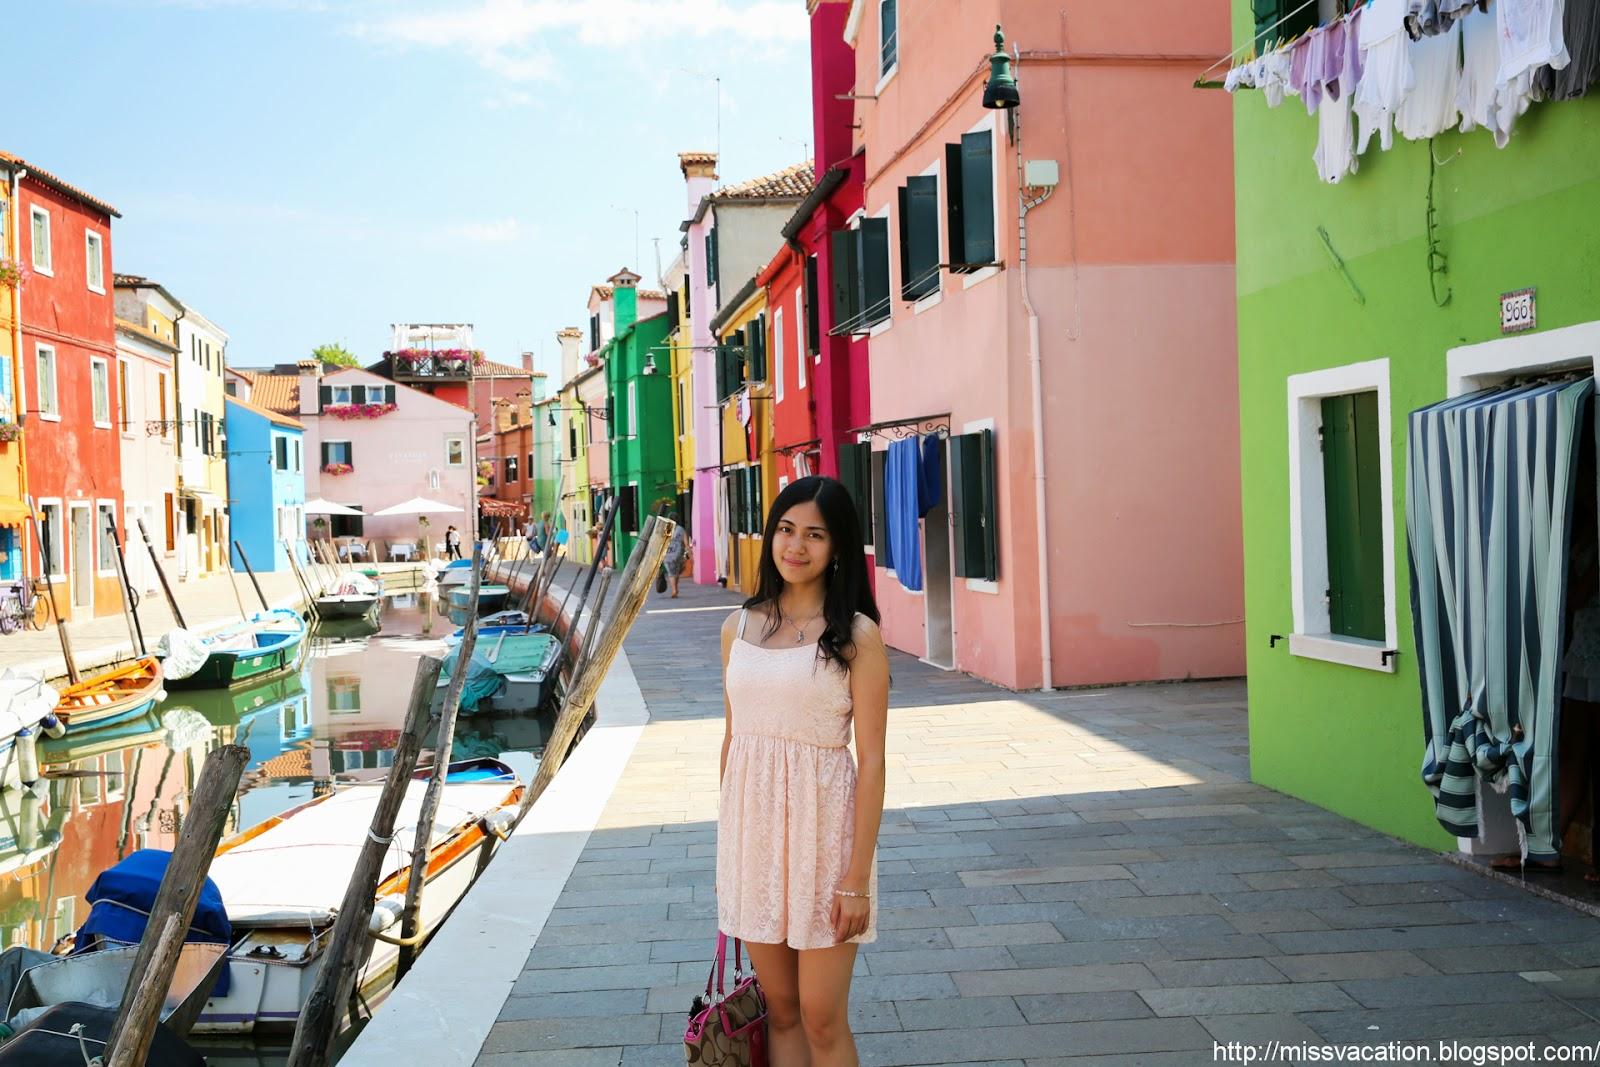 The islands of Venice: Murano, Burano and Torcello - Tour por Italia